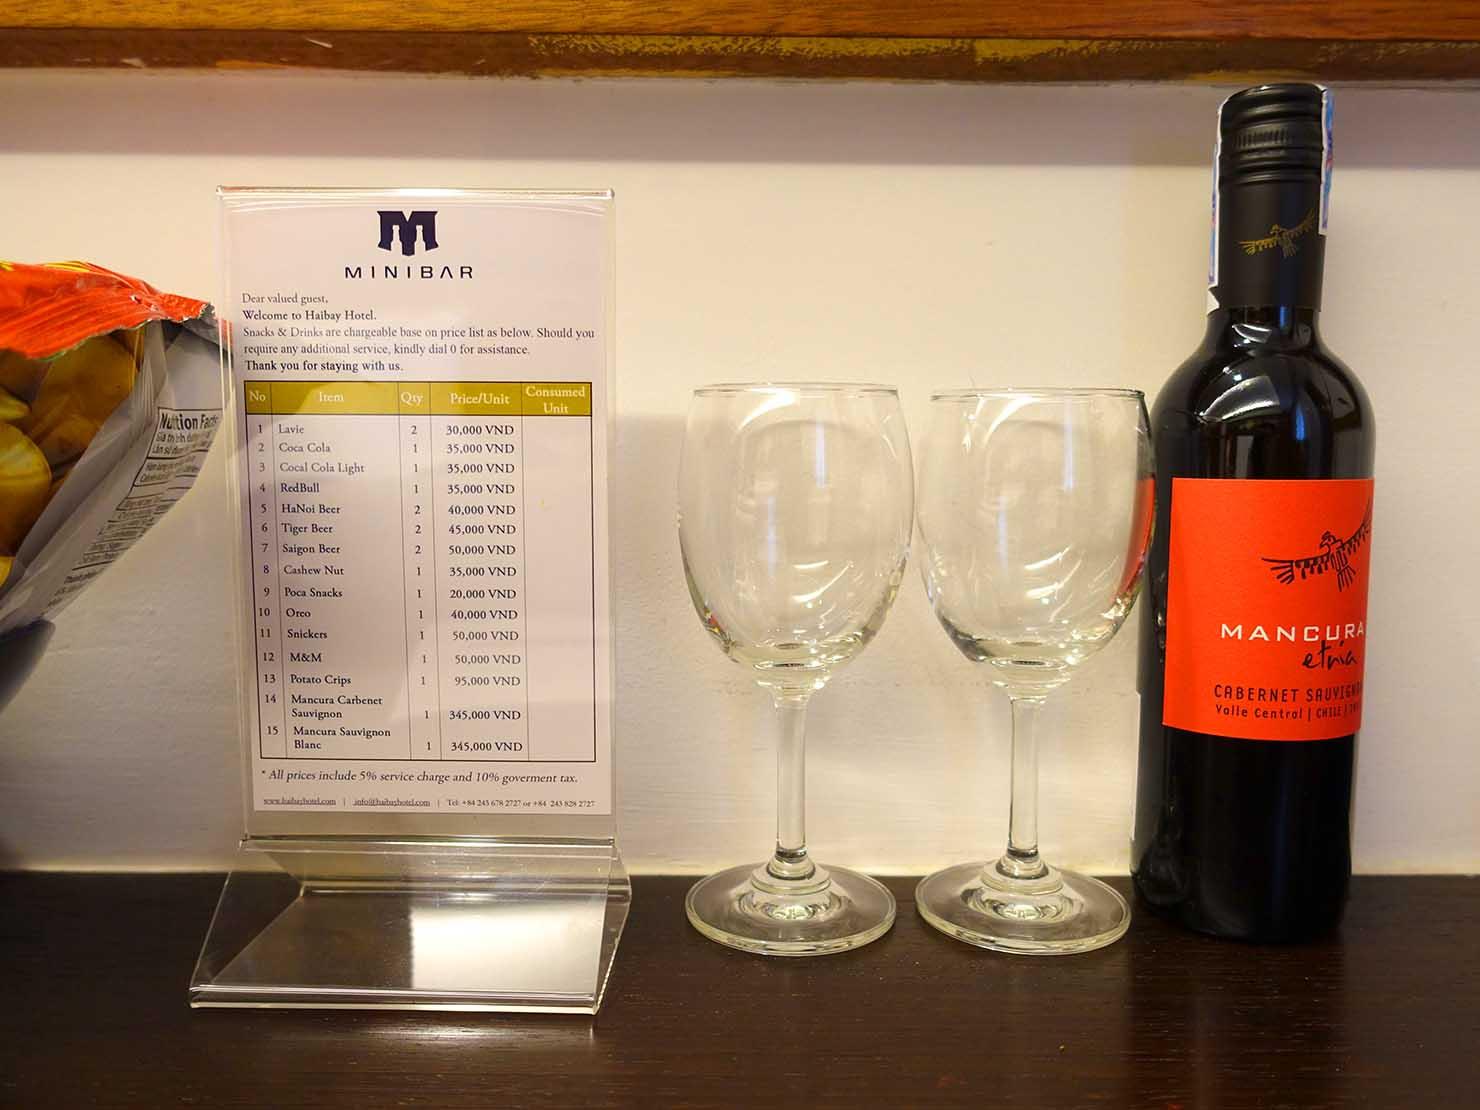 ハノイ旧市街ど真ん中の観光に便利なおすすめホテル「Hai Bay Hotel」エグゼクティブ・ダブルルームに準備されたワイン